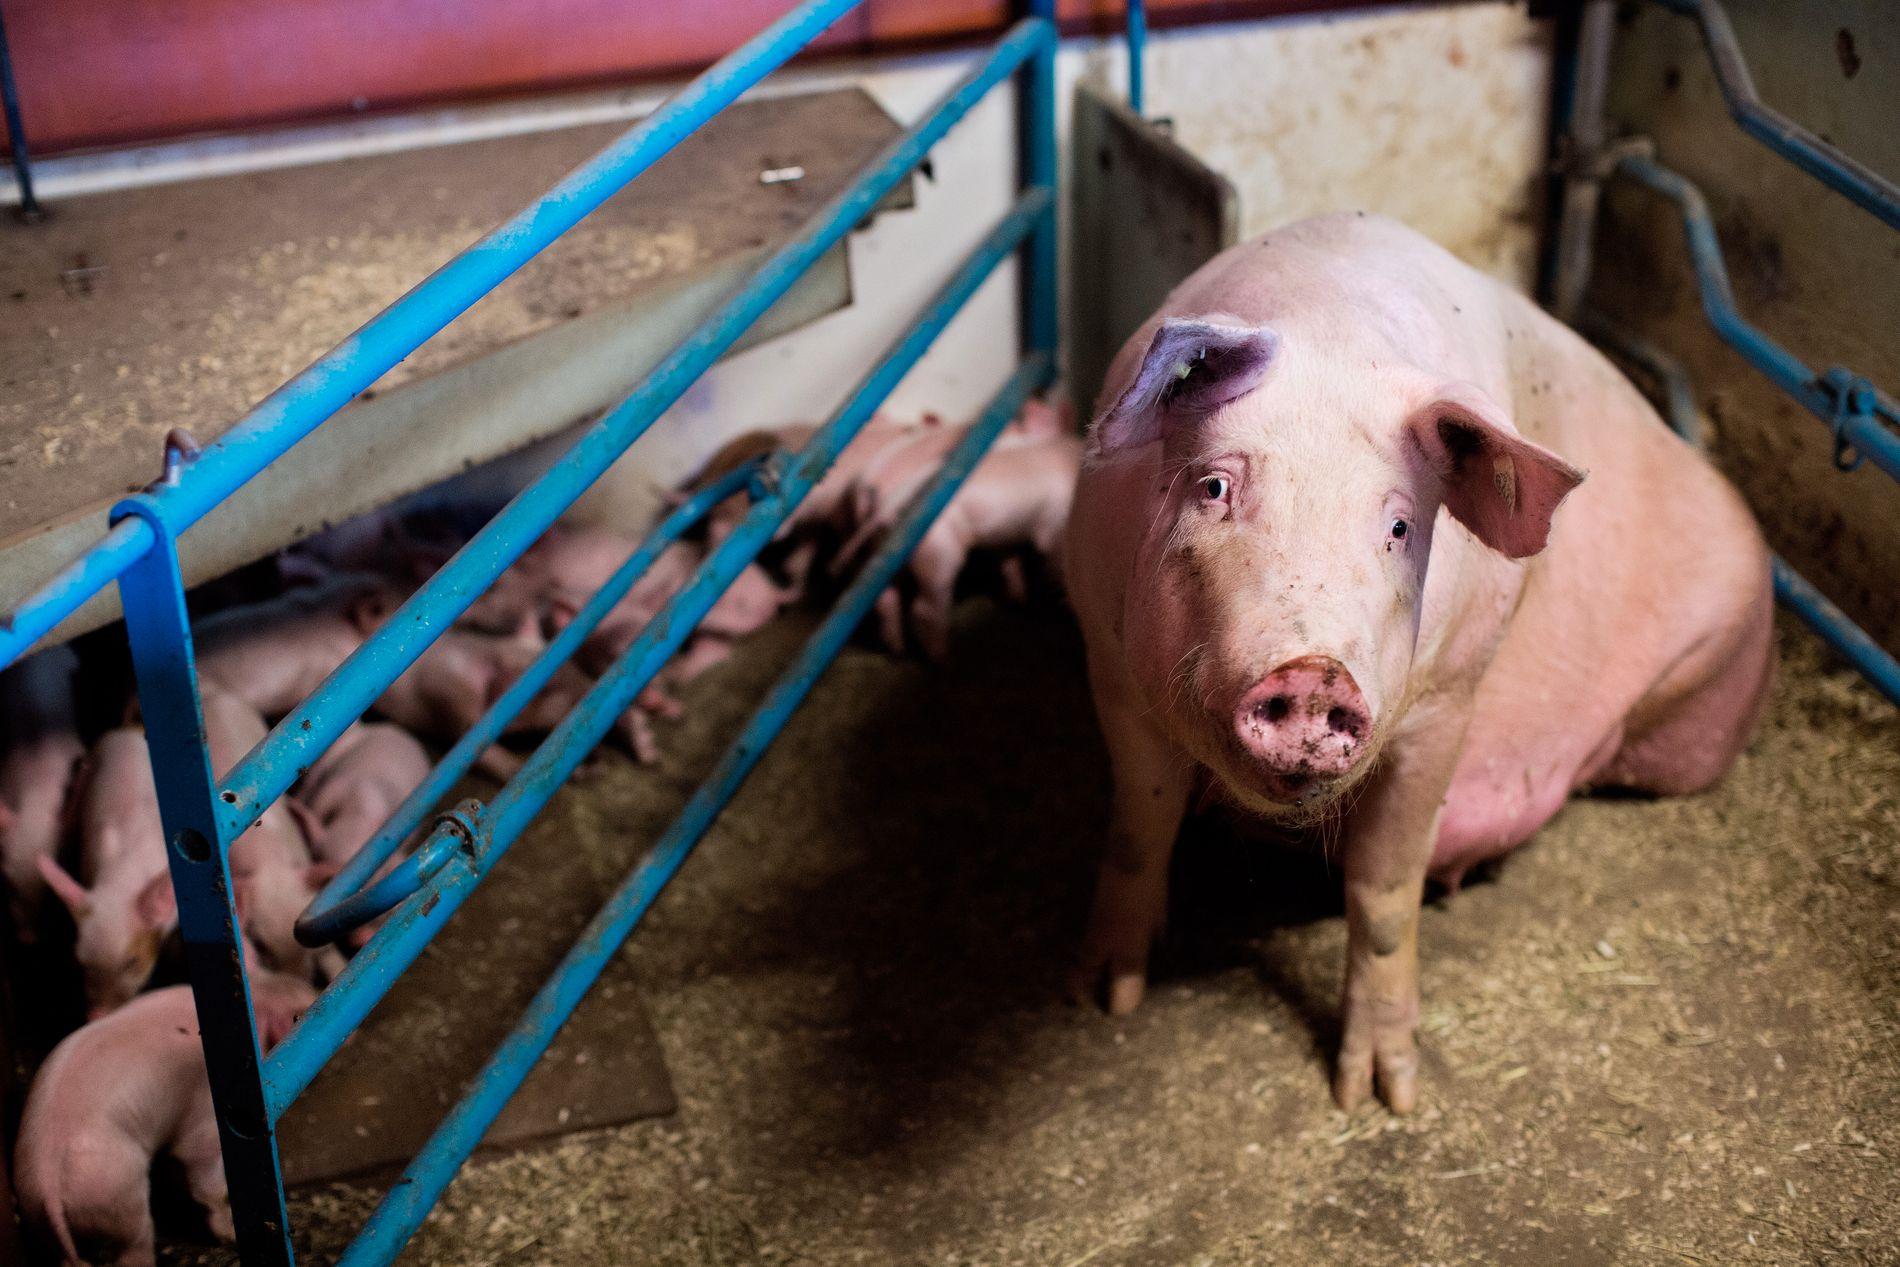 OVERSKUDD: Folk spiser mindre svin i Norge, samtidig som svineproduksjonen holdes høy. Det gjør at lagrene med svinekjøtt vokset. Bildet er tatt i en annen sammenheng.